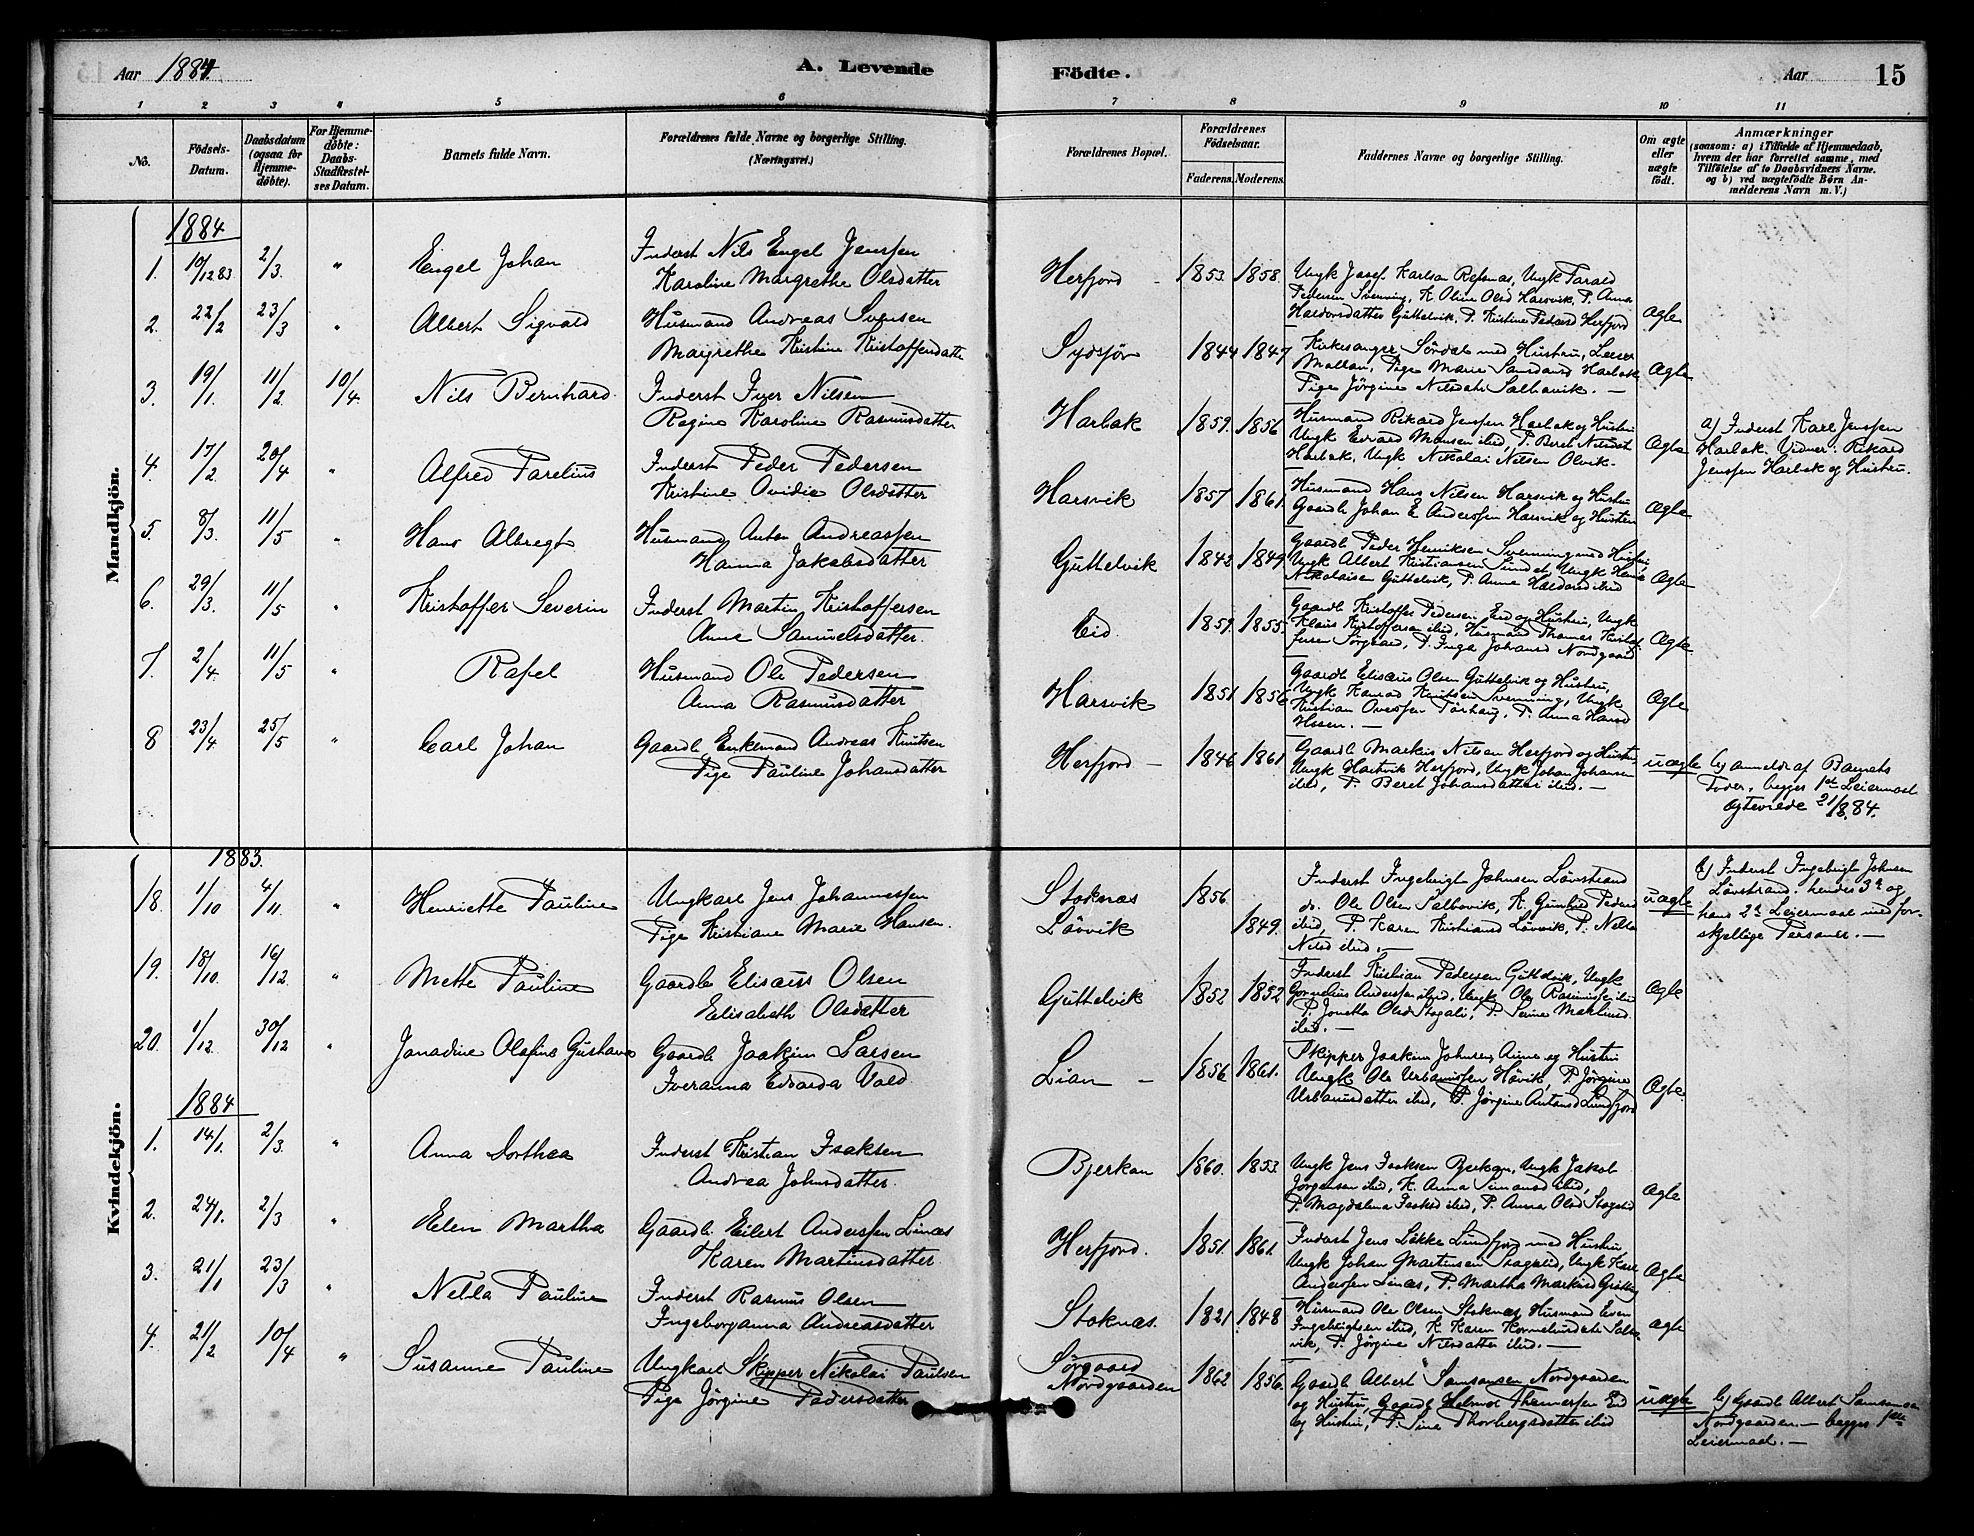 SAT, Ministerialprotokoller, klokkerbøker og fødselsregistre - Sør-Trøndelag, 656/L0692: Ministerialbok nr. 656A01, 1879-1893, s. 15